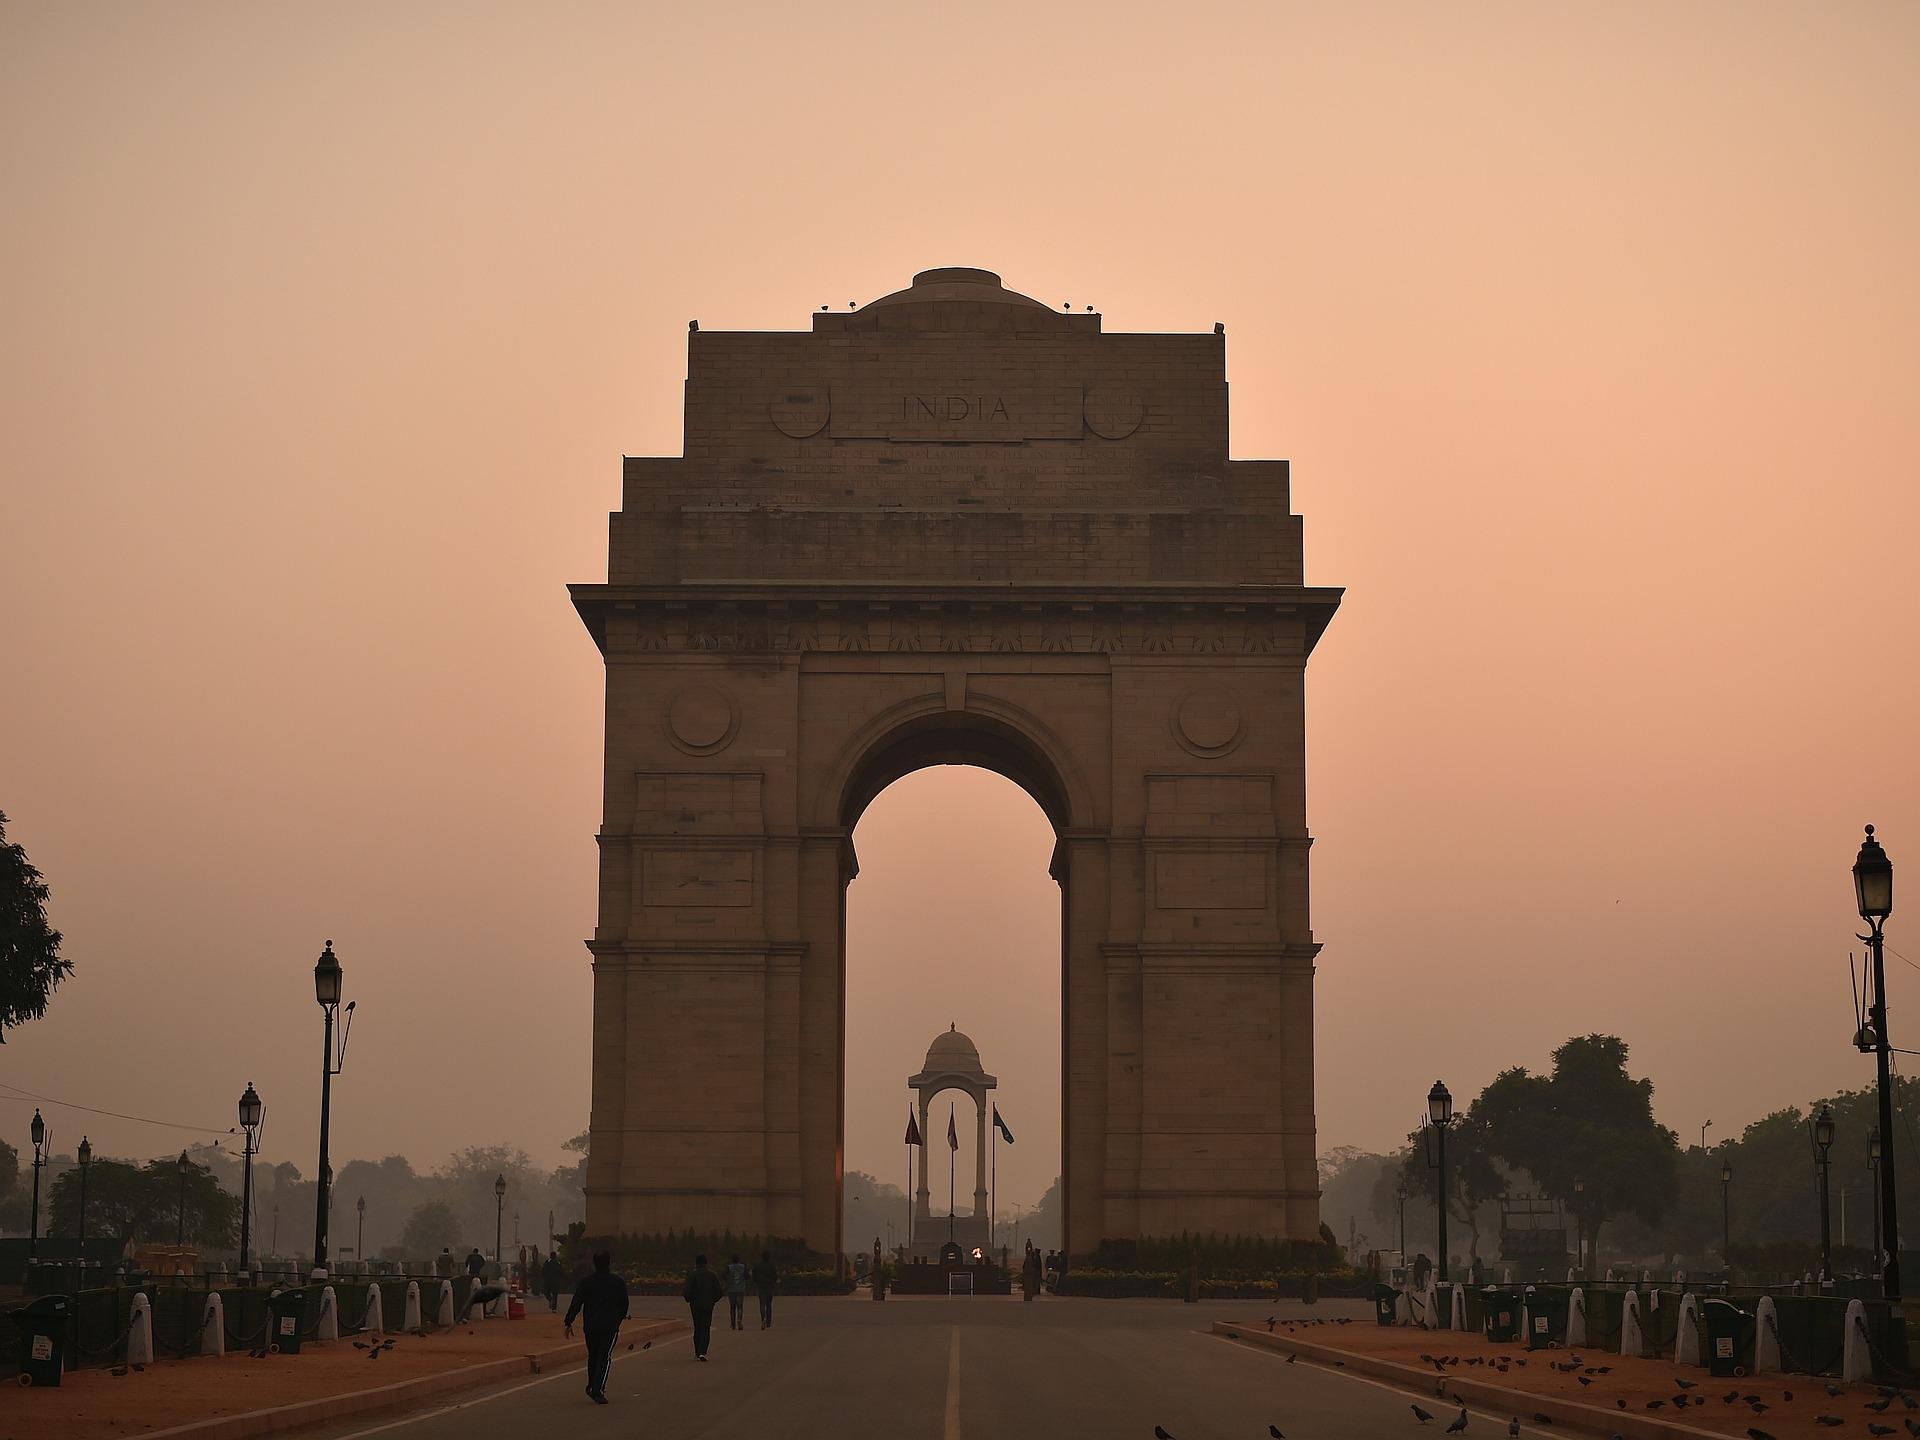 Puerta de la India - Nueva Delhi